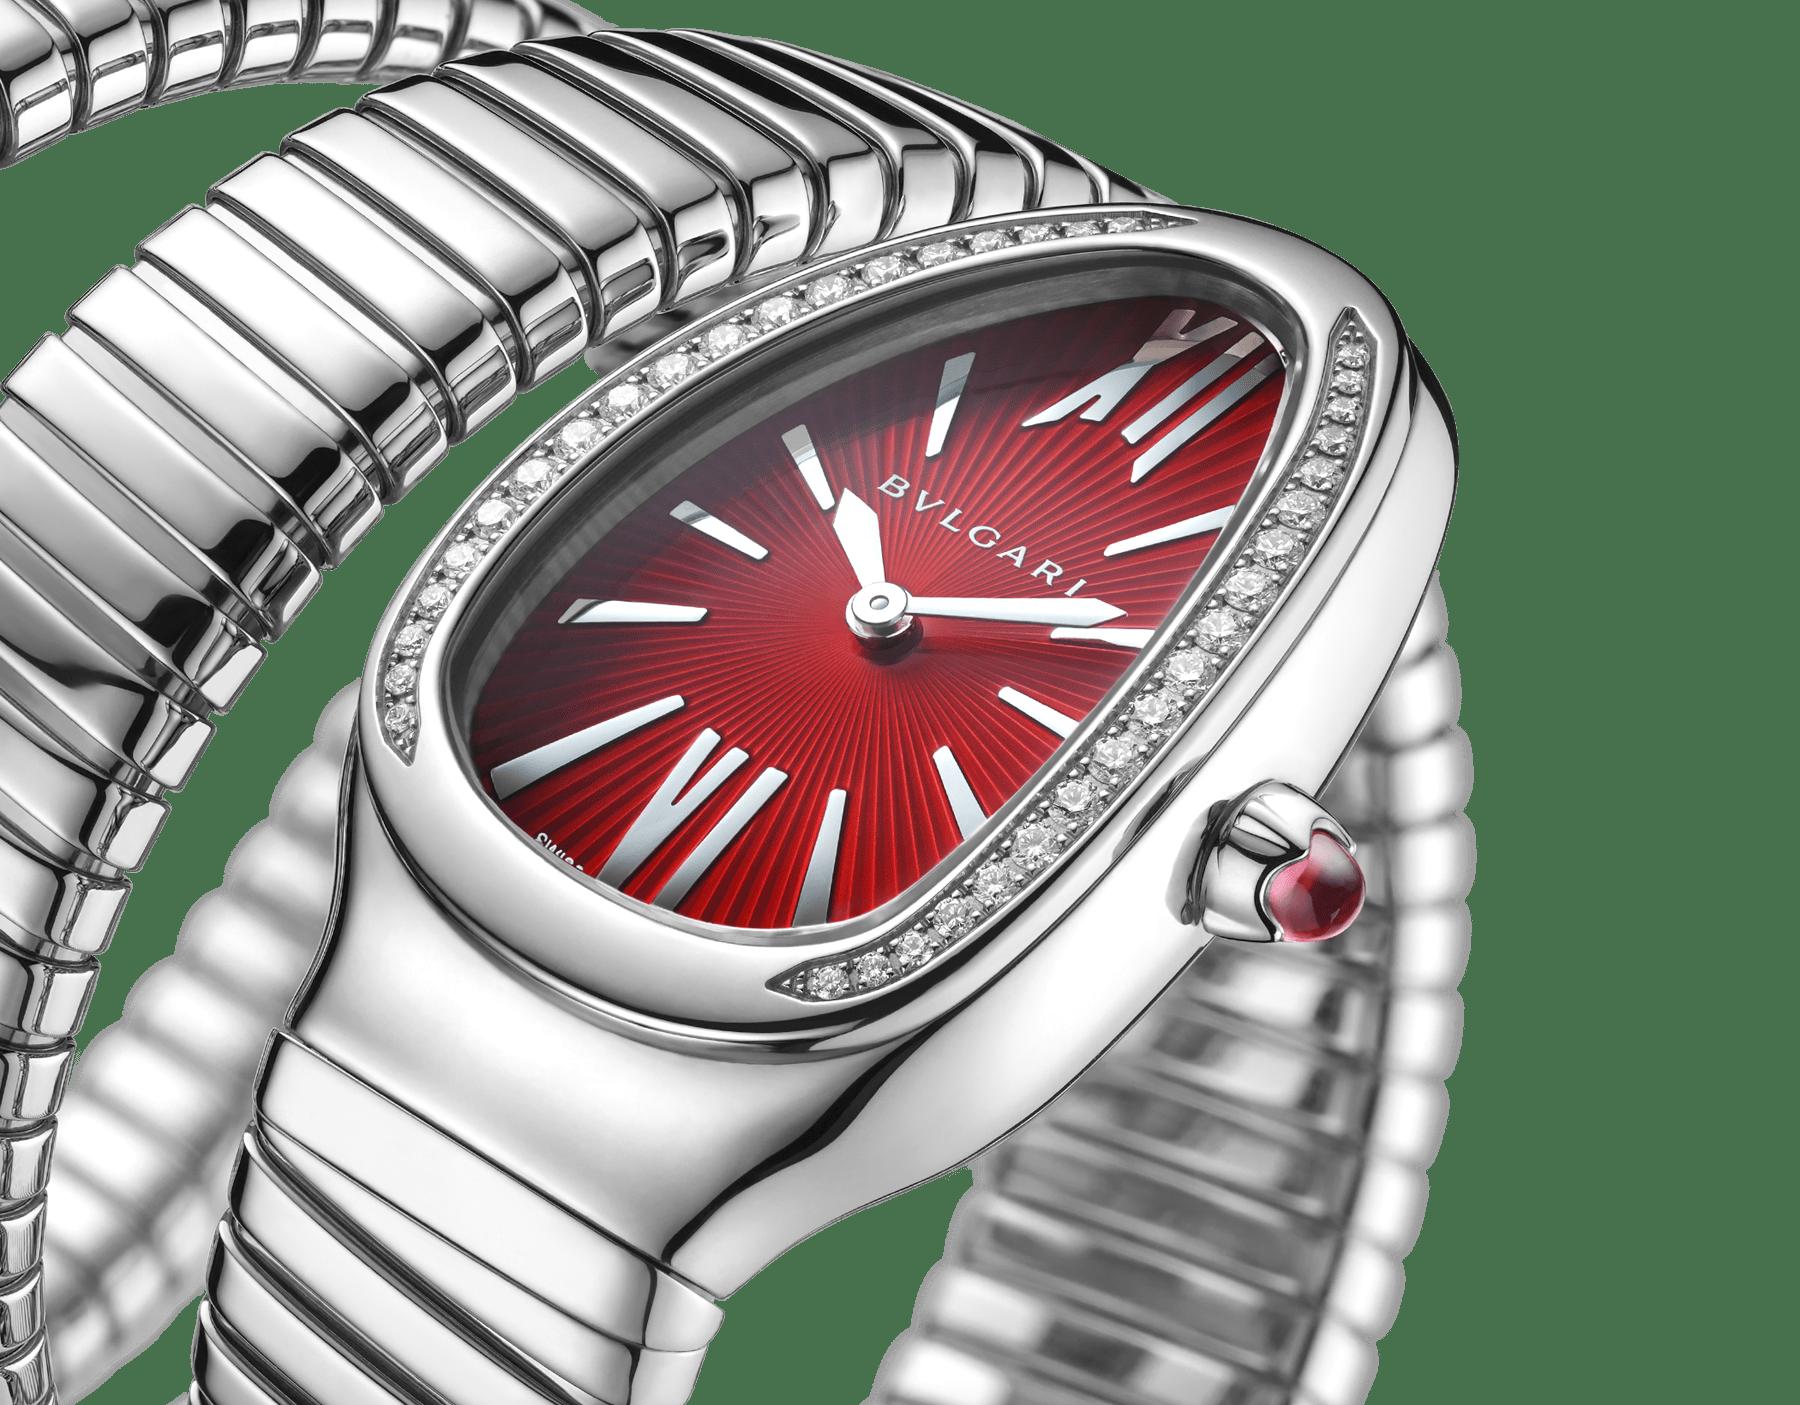 Montre Serpenti Tubogas avec boîtier en acier inoxydable serti de diamants taille brillant, cadran laqué rouge et bracelet double spirale en acier inoxydable. 102682 image 3